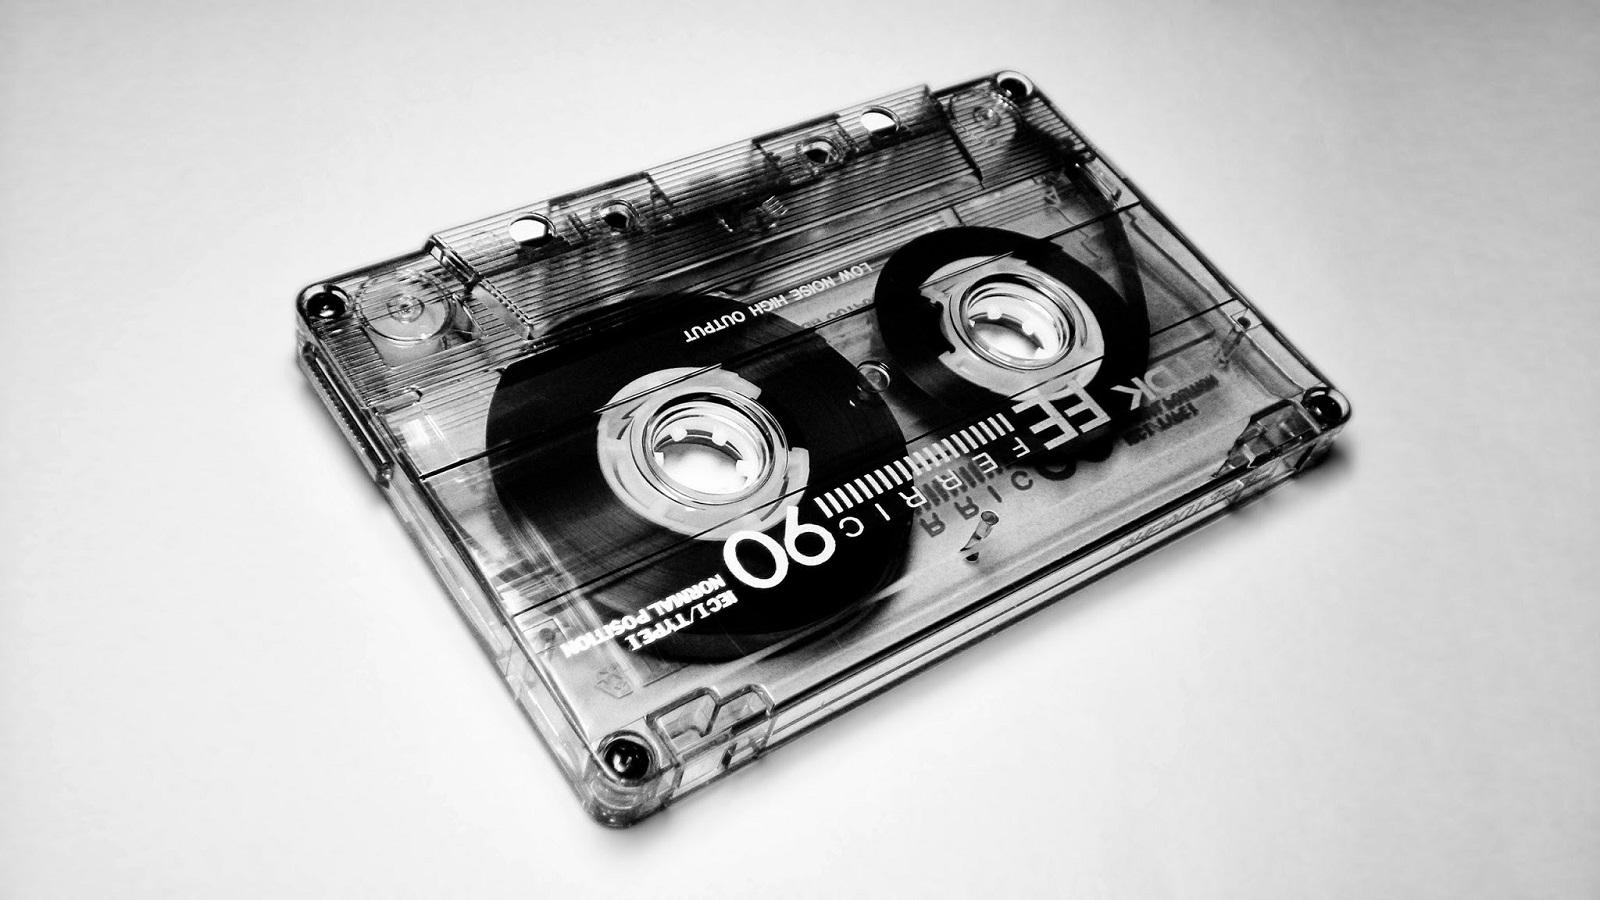 Top 10 công ty chuyên sản xuất và cung cấp băng đĩa uy tín